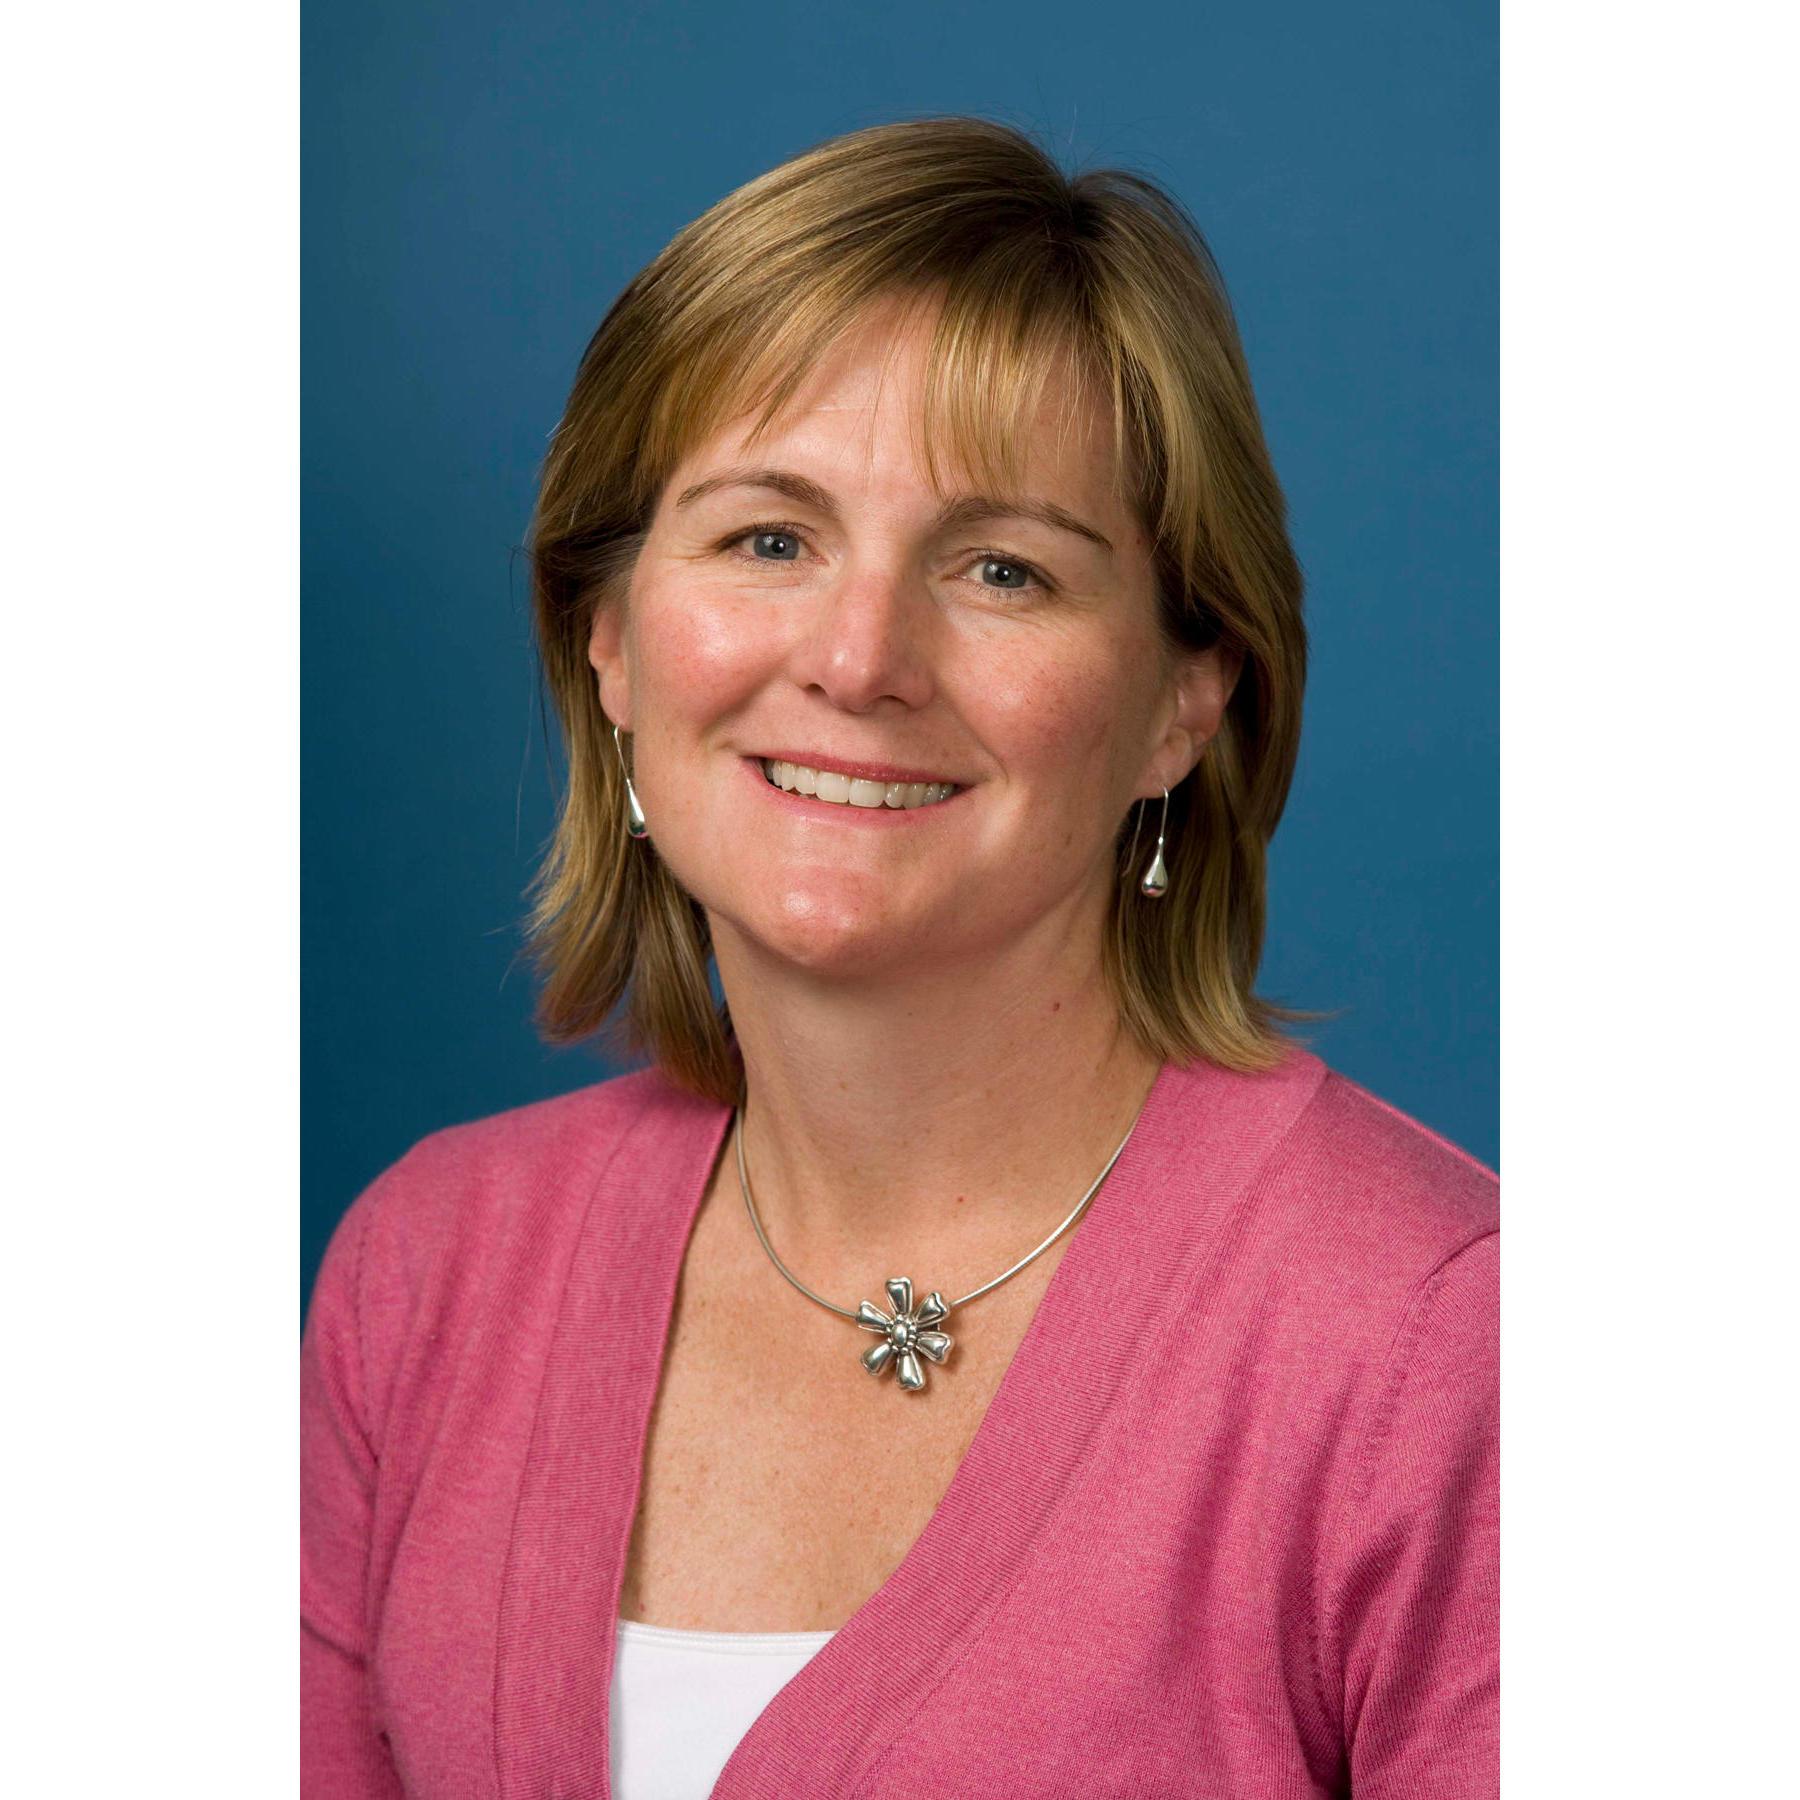 Stephanie M. Jernigan, MD